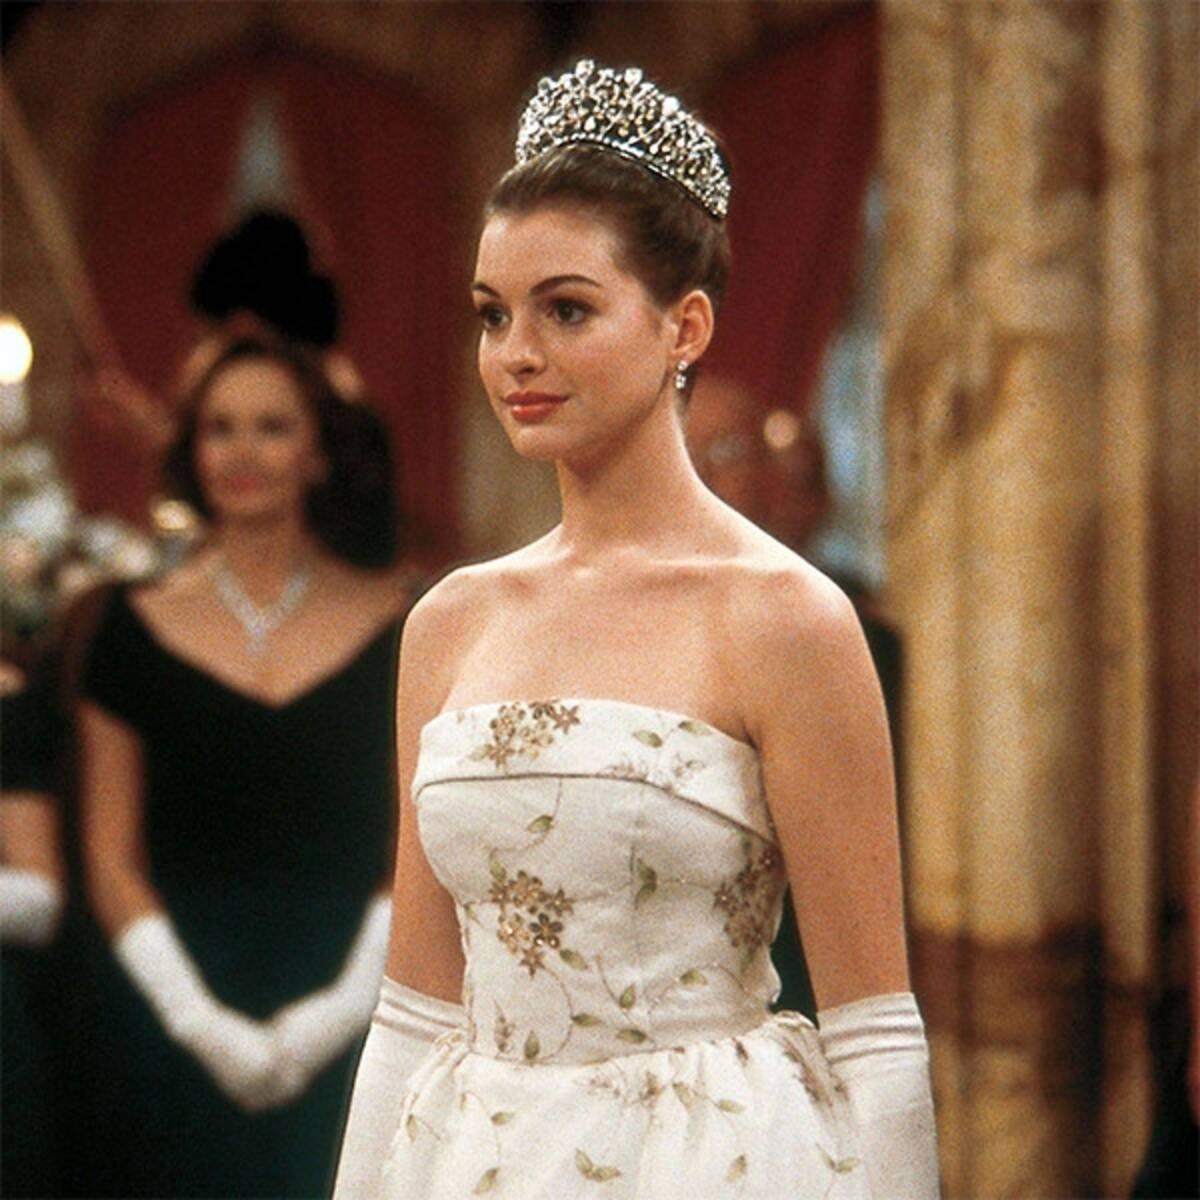 """""""Cựu công chúa Disney"""" Anne Hathaway và lịch sử tình trường đáng nể: Từng muối mặt phải trả lại trang sức đắt tiền vì bạn trai lừa đảo chiếm đoạt tiền của cựu Tổng thống Mỹ - Ảnh 2."""